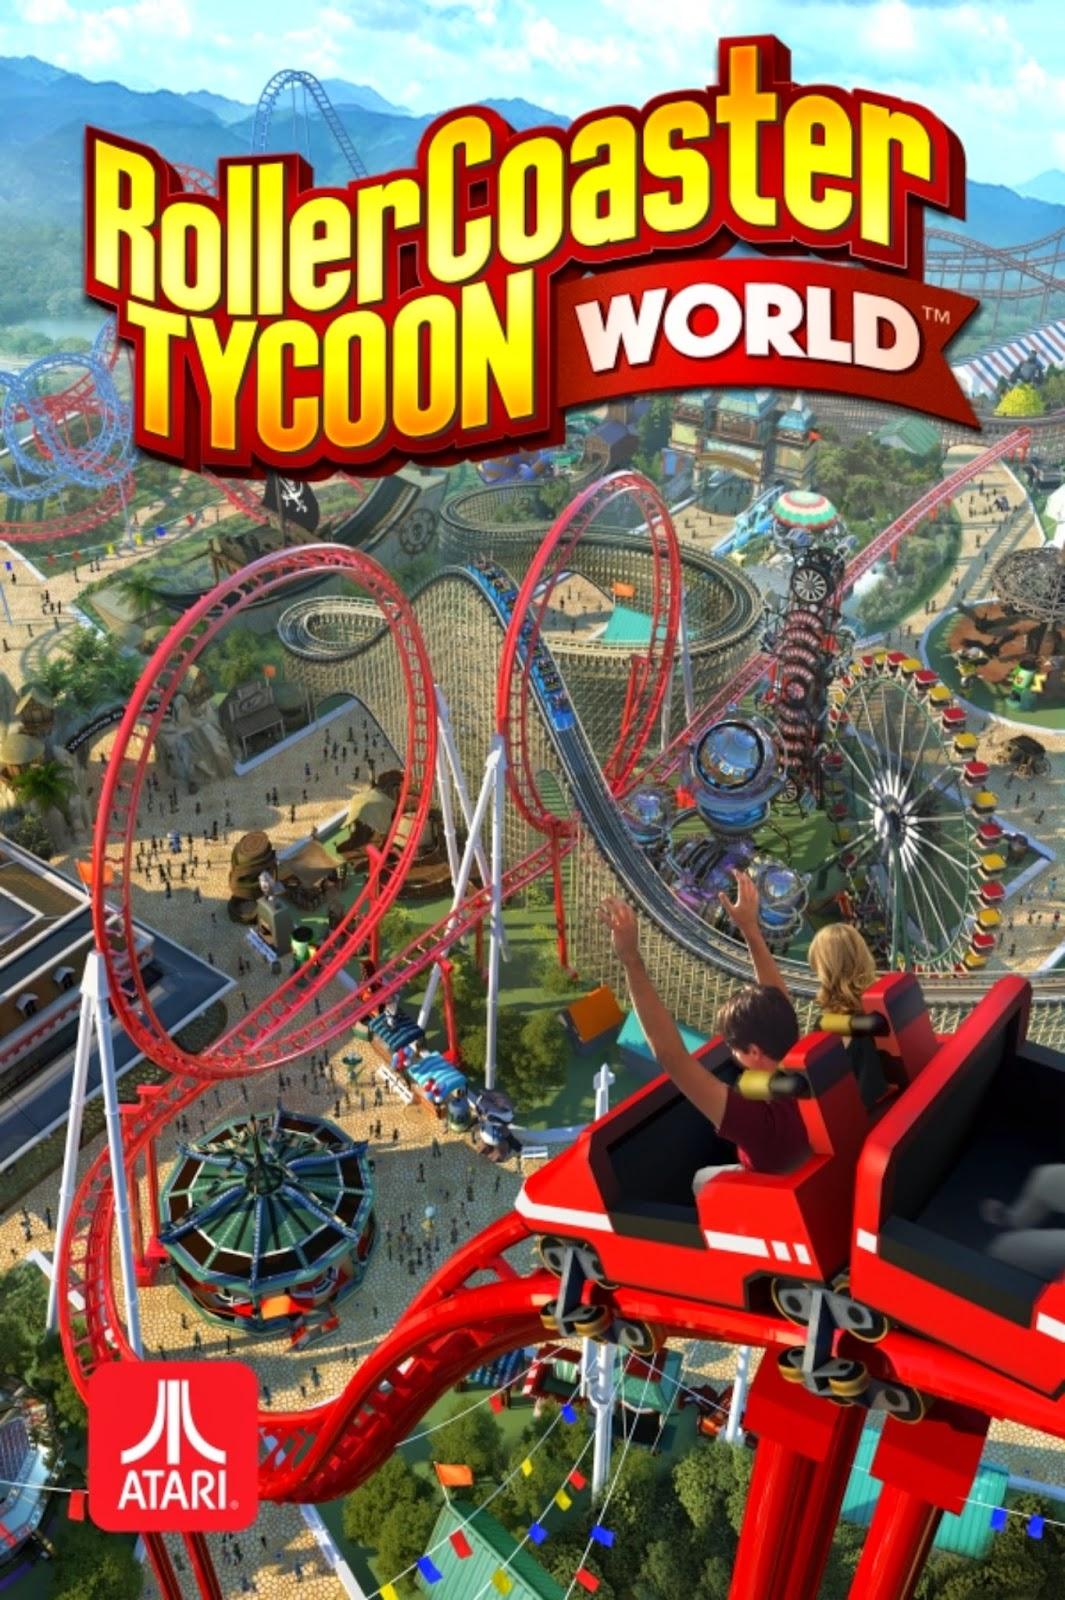 RollerCoaster Tycoon World | RollerCoaster Tycoon | FANDOM